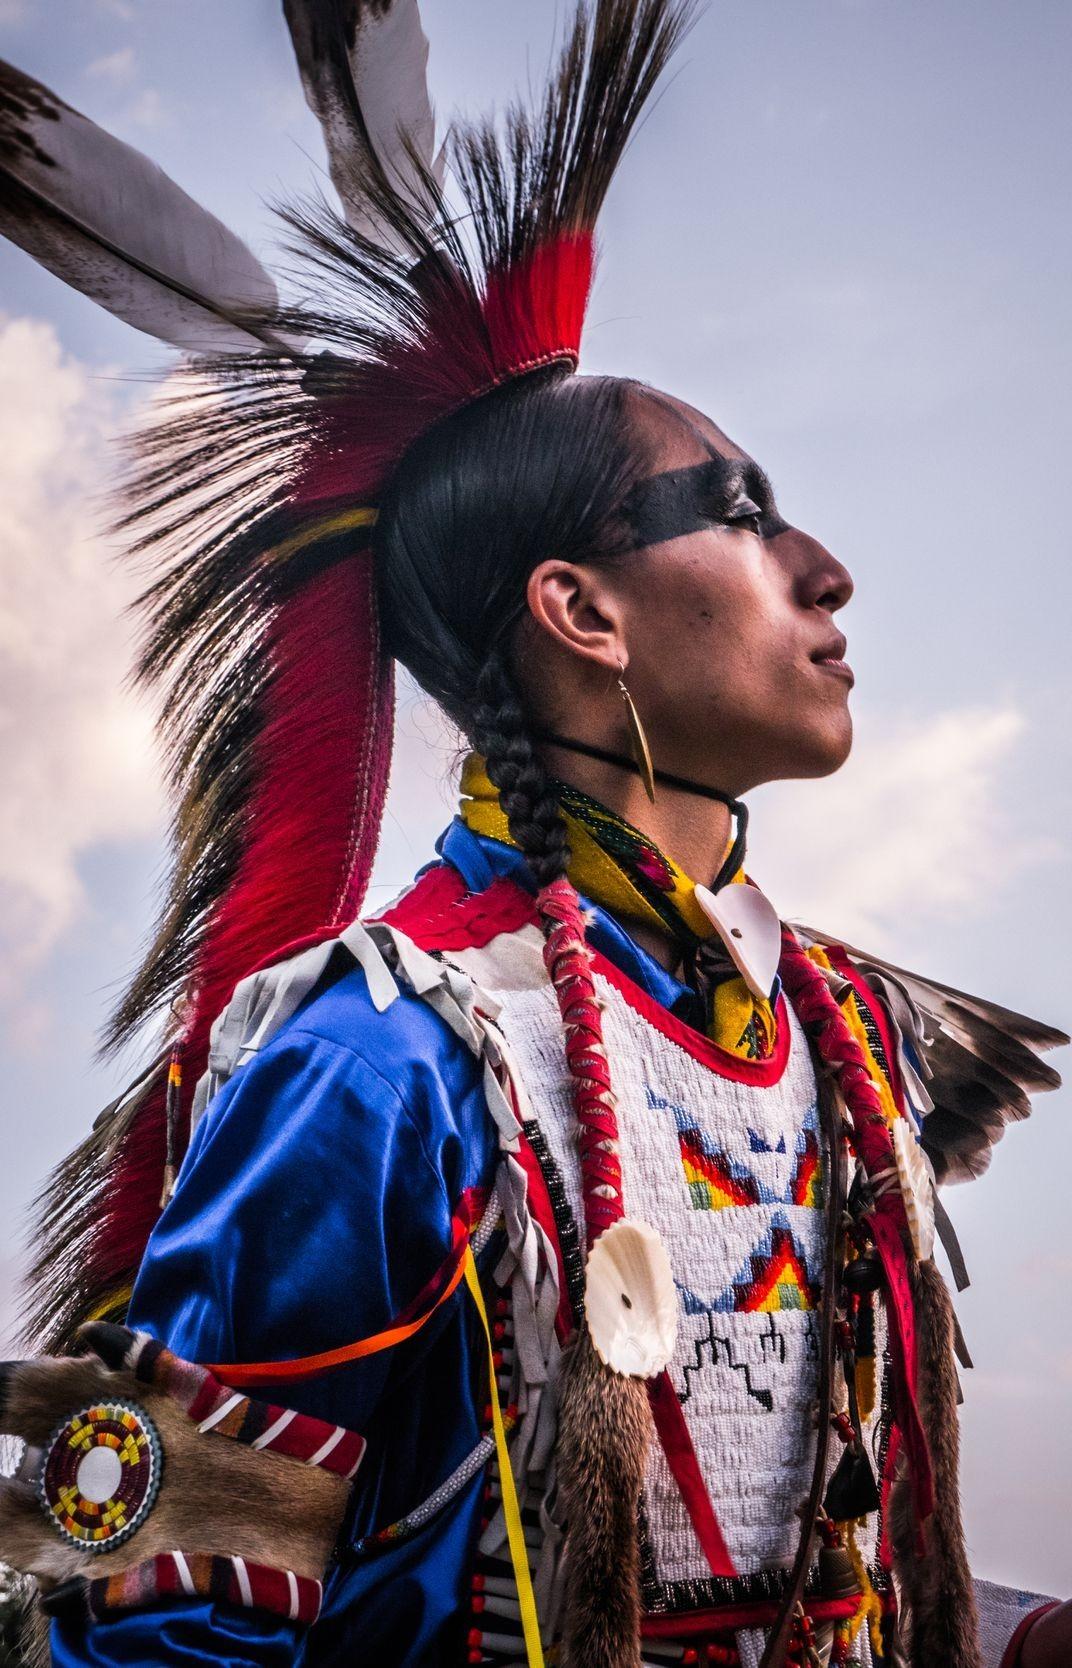 Финалист в категории «Люди», 2020. «Гордость нации». Брантфорд, Онтарио, Канада. Автор Марлон Портер